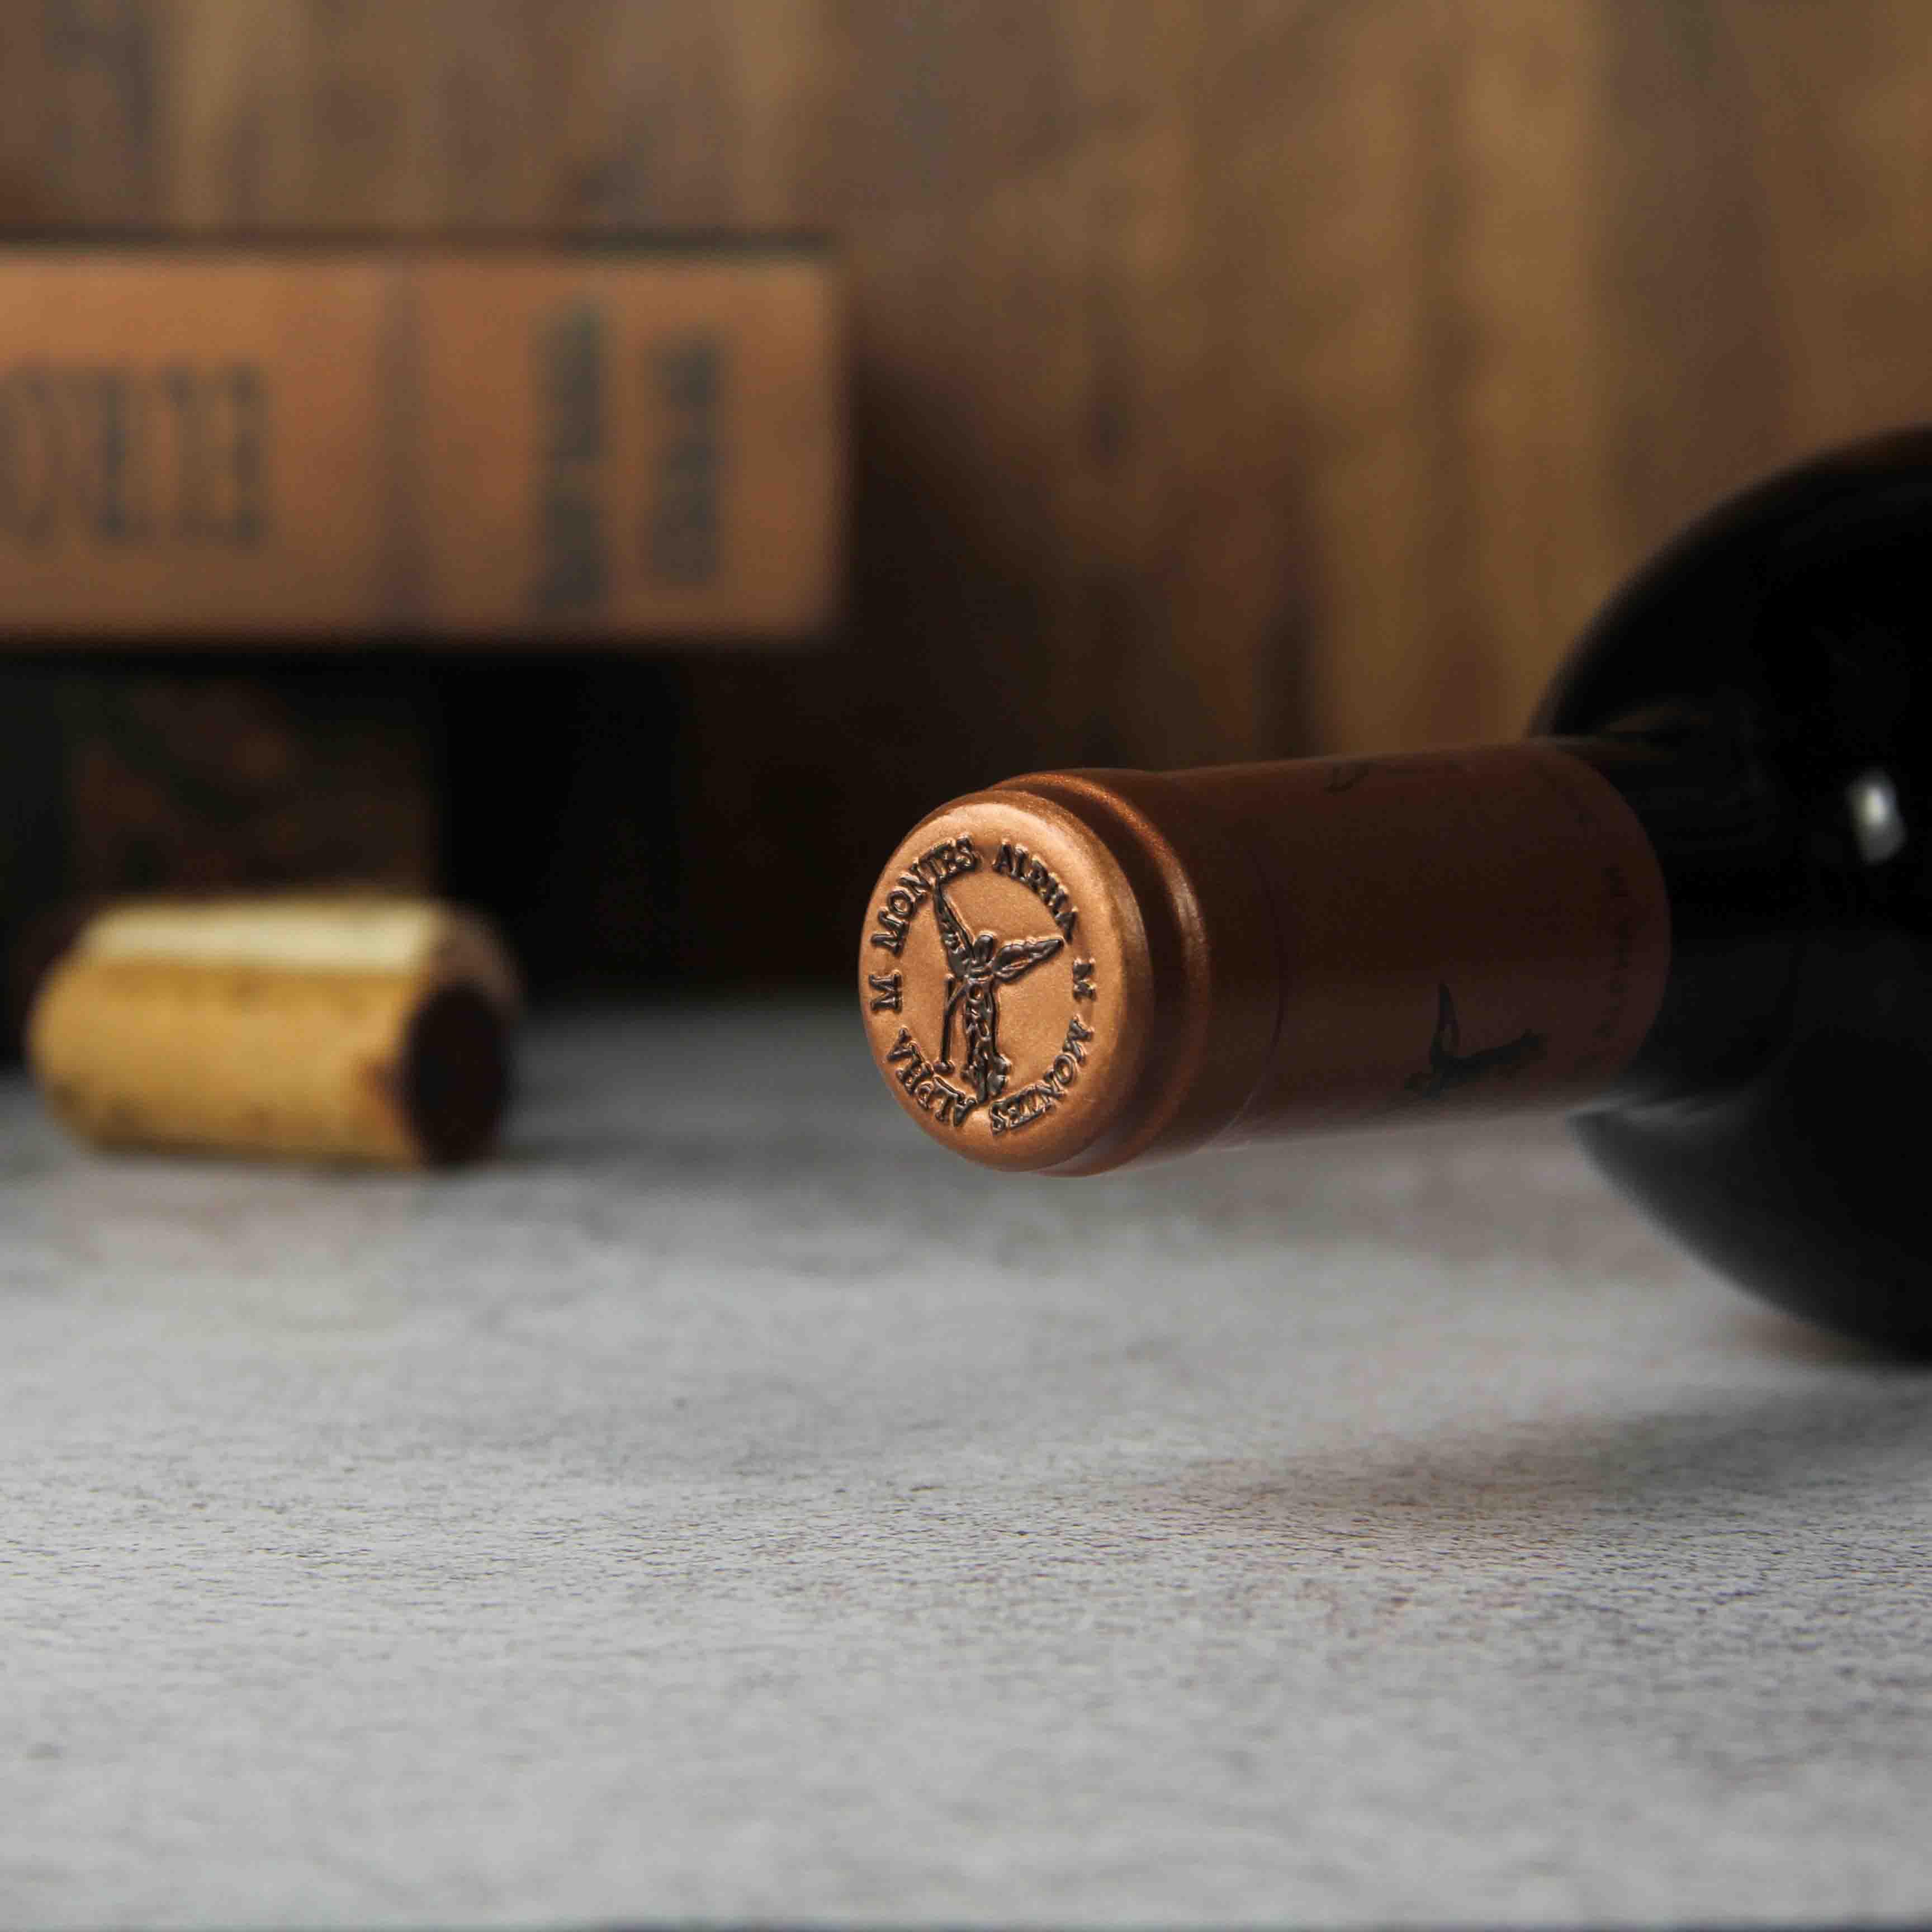 蒙特斯天使欧法M 干红葡萄酒